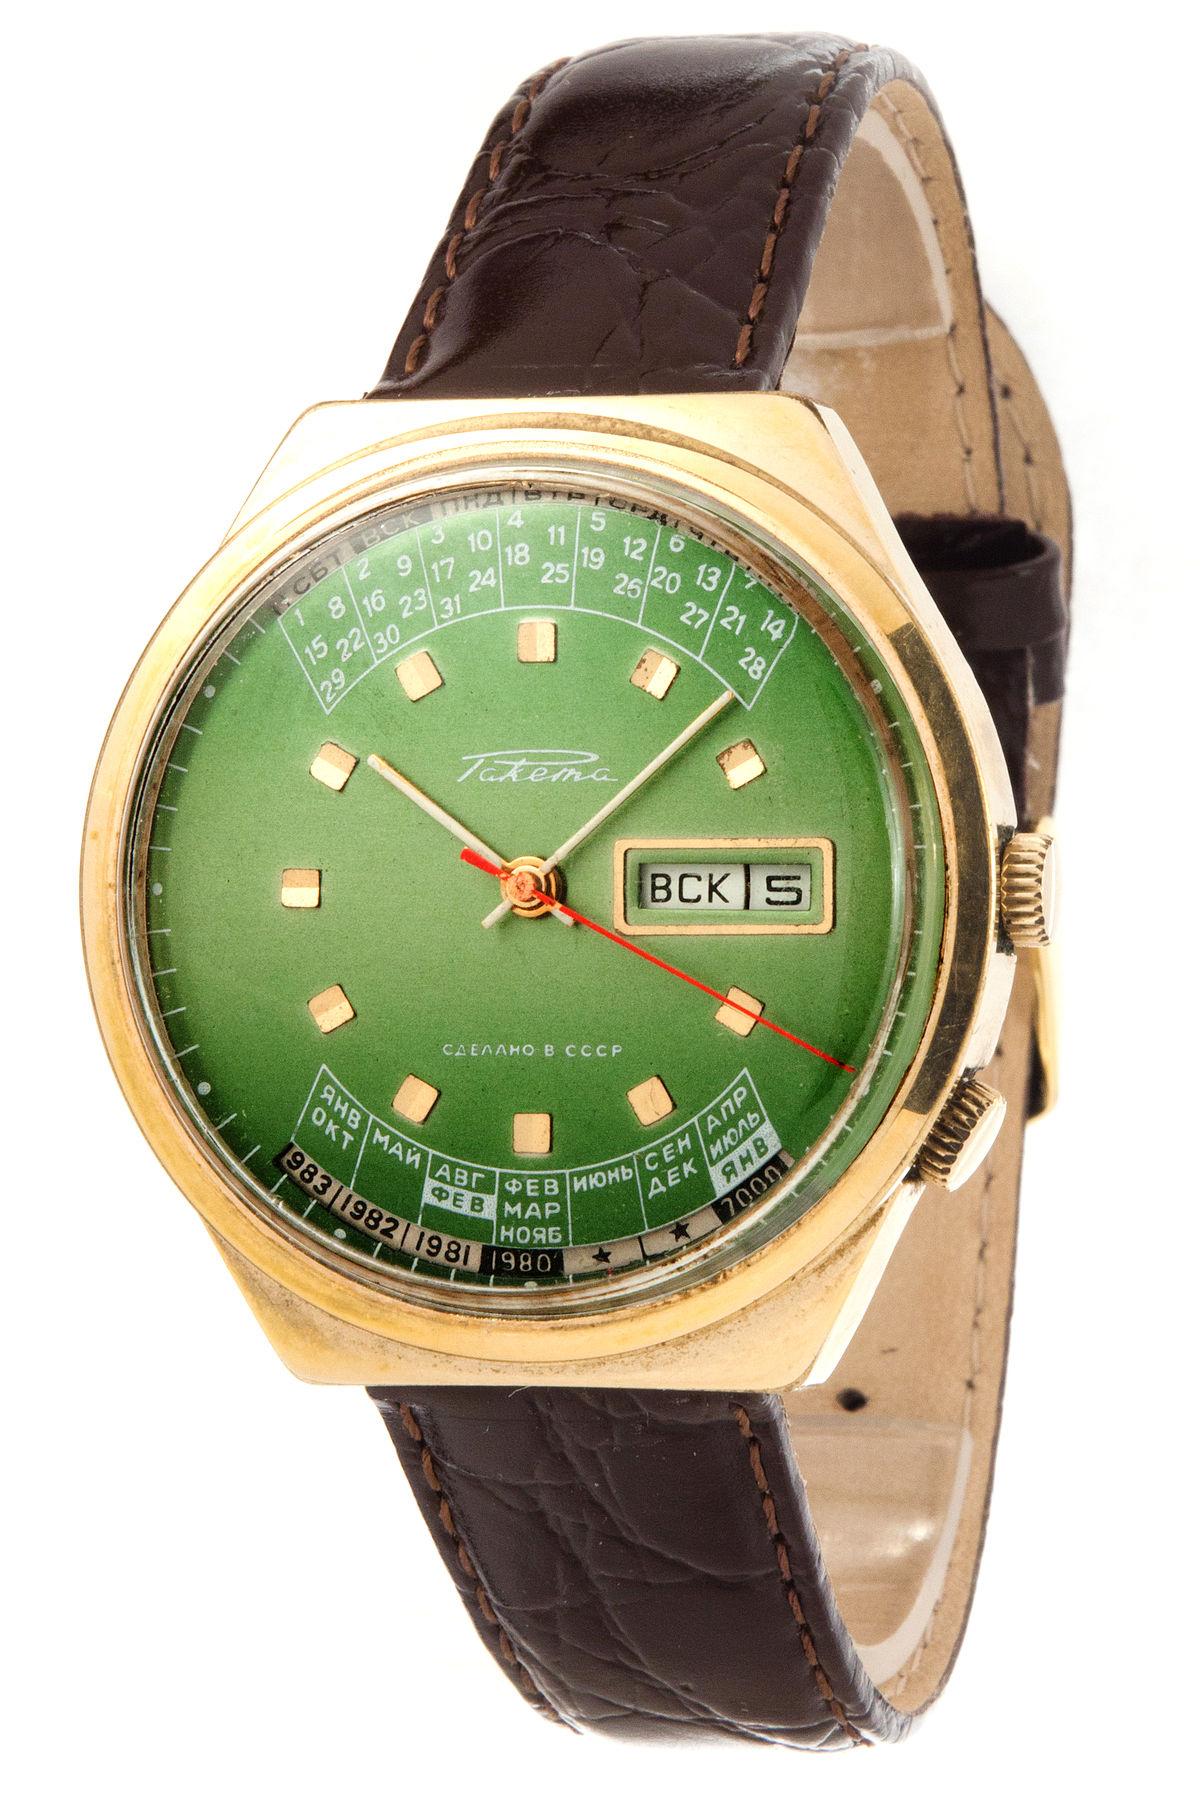 804735bc Ракета (часы) — Википедия